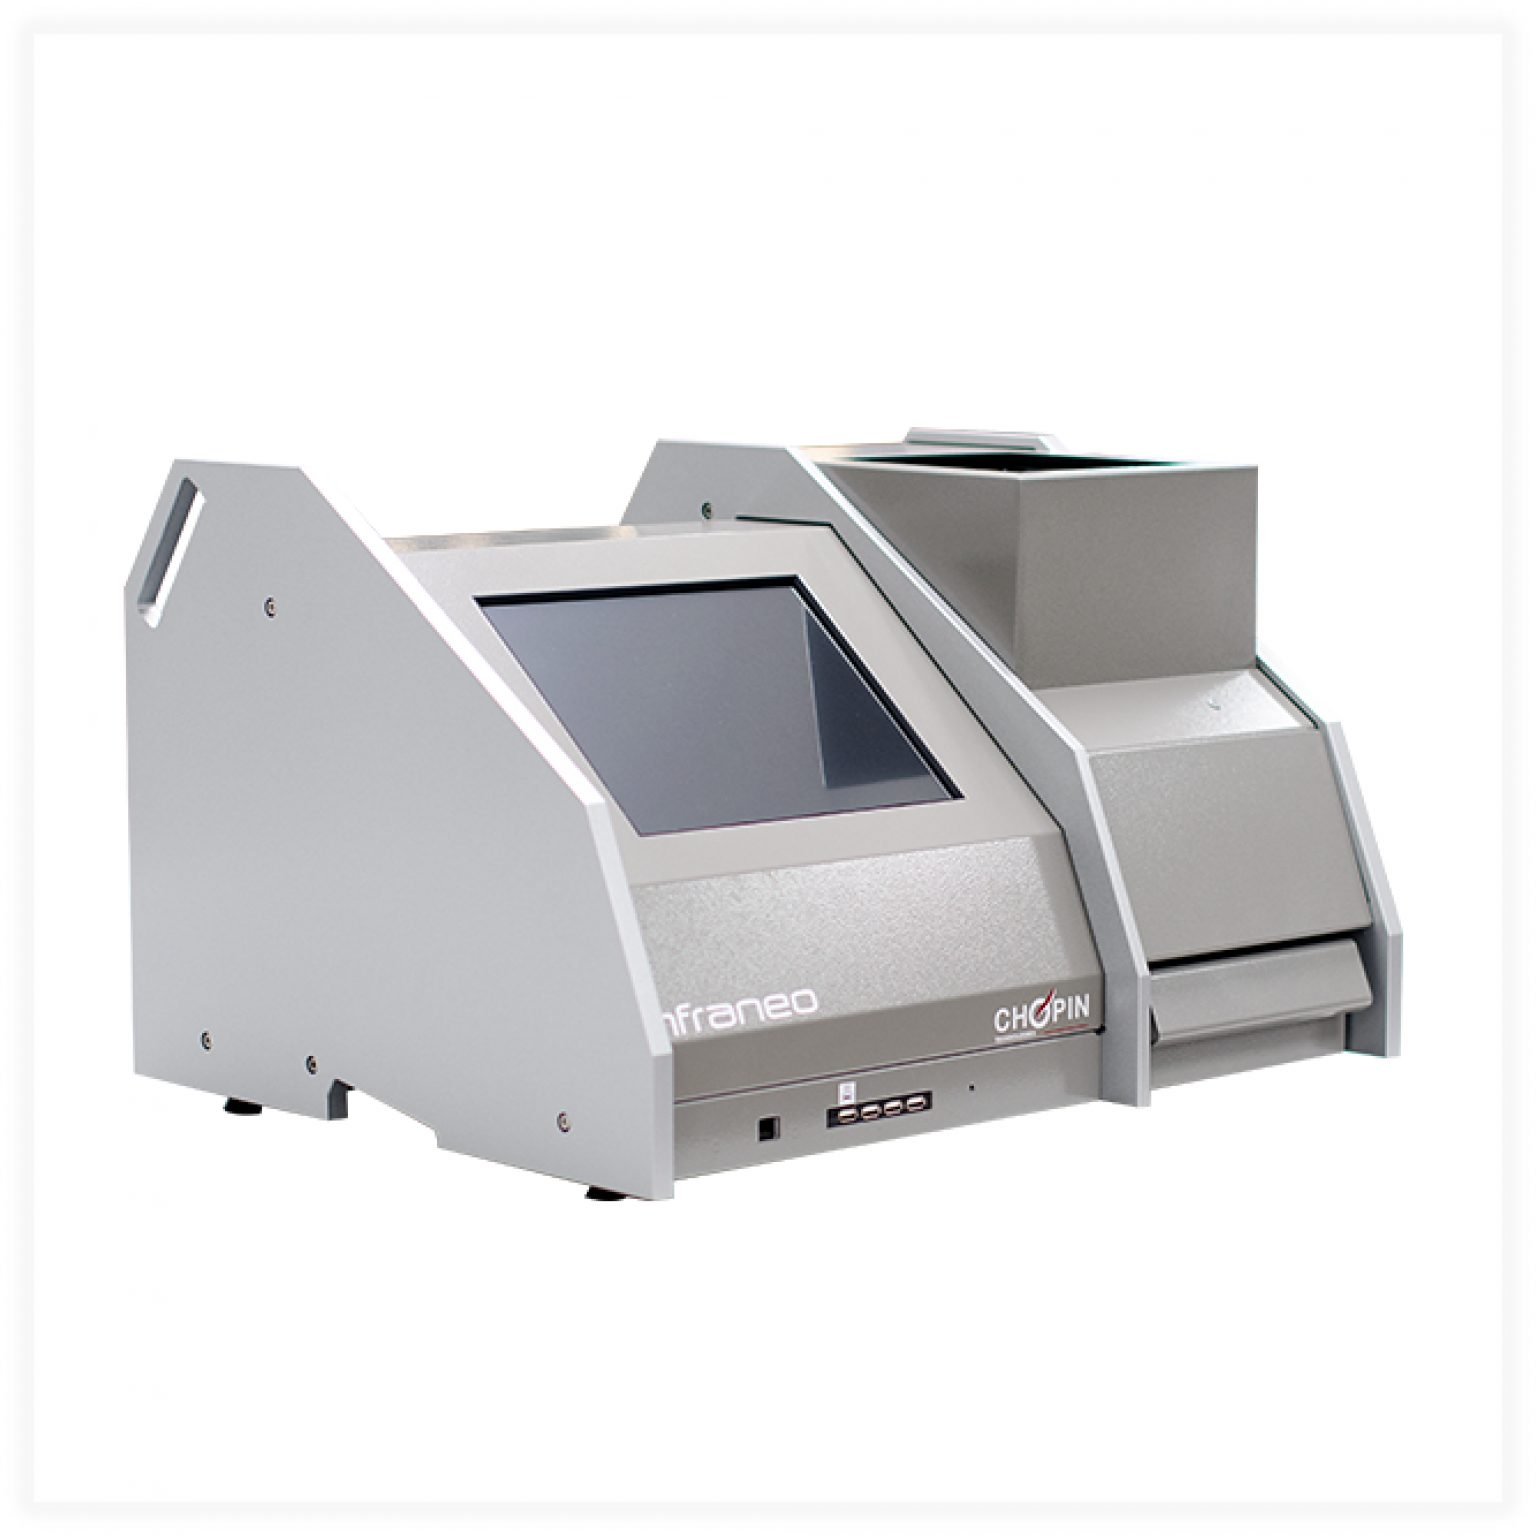 máy phân tích hồng ngoại infraneo